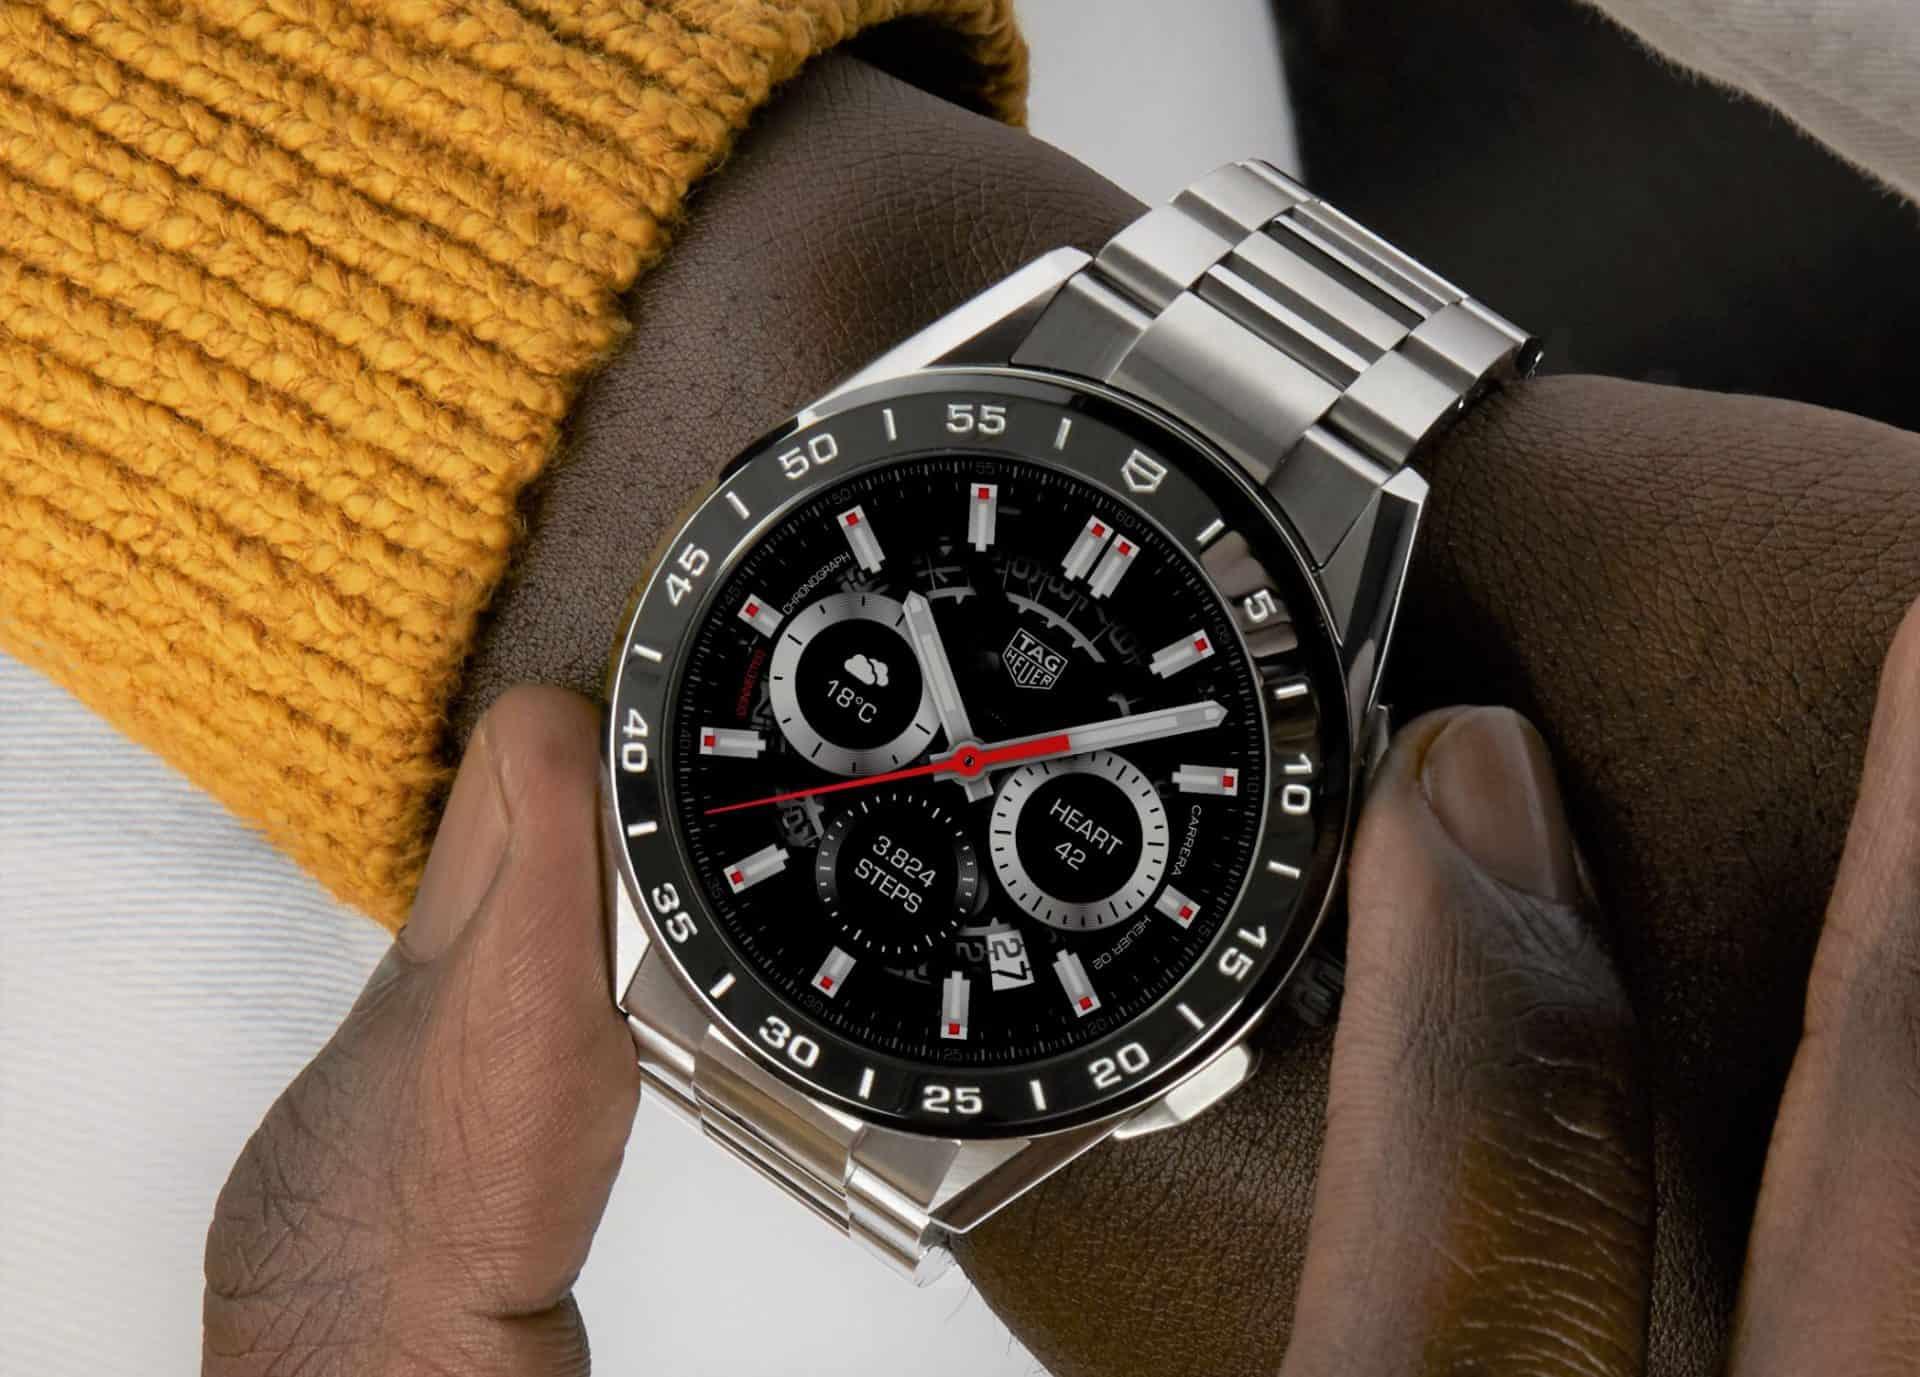 Metallarmband und TAG Heuer Zifferblatt werten die neue Connected Smartwatch auf